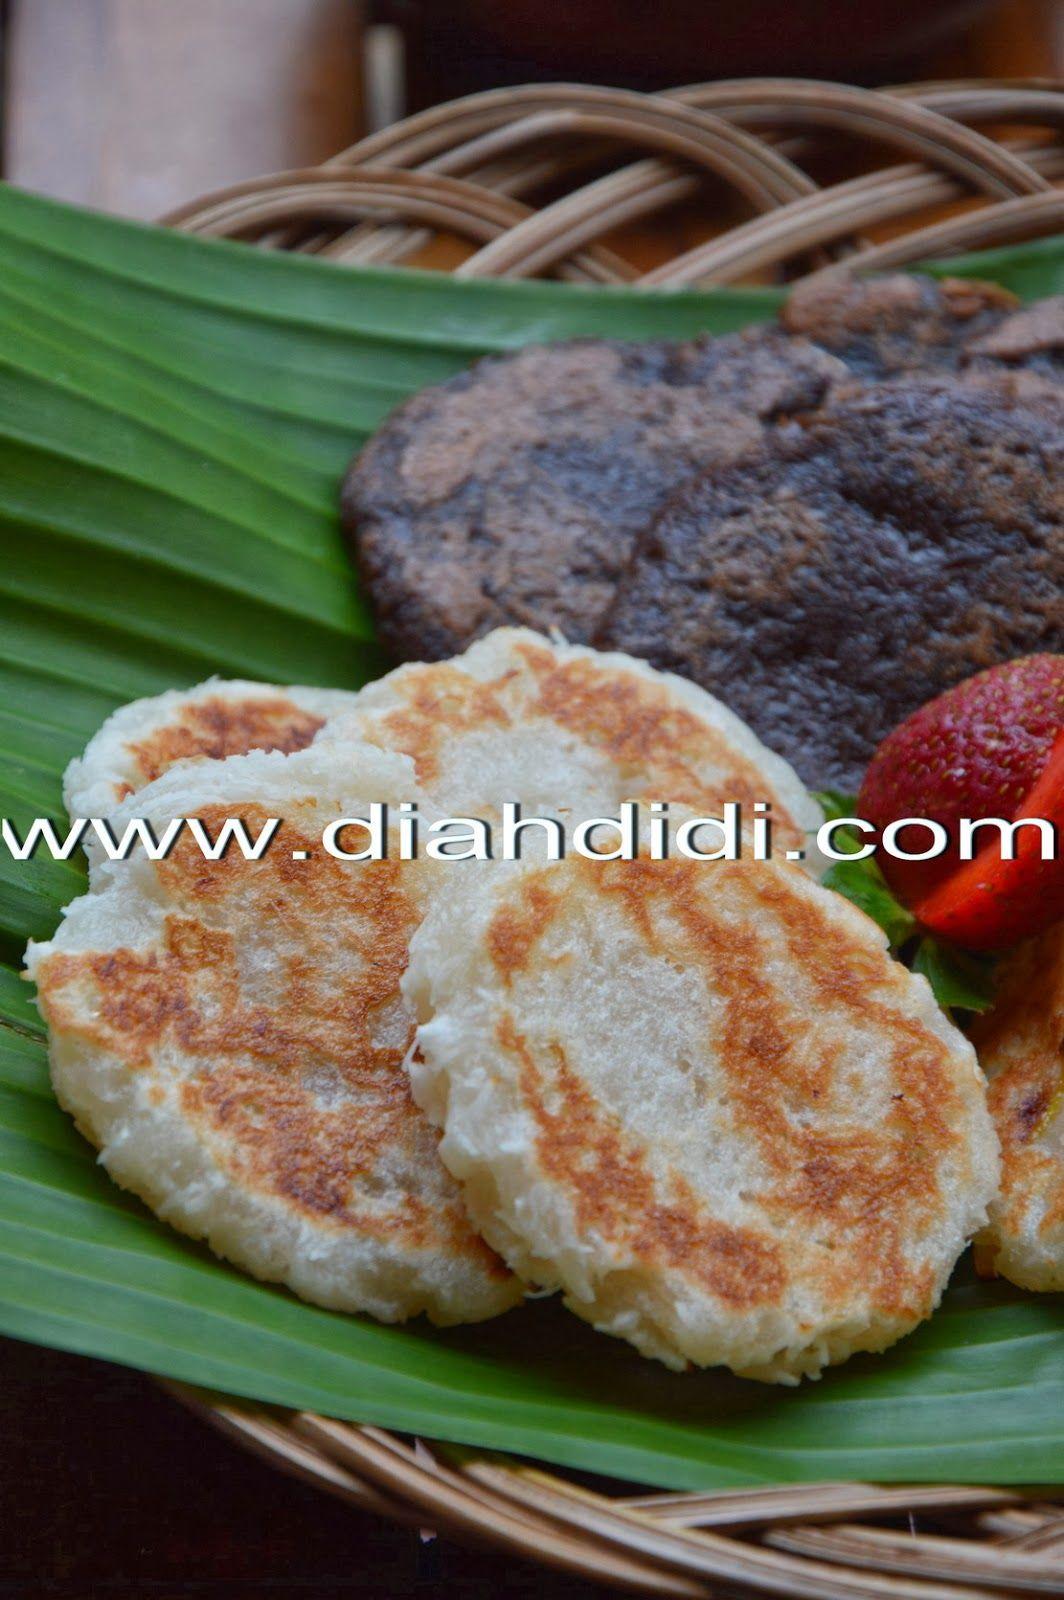 Wingko Babat Resep Masakan Makanan Ringan Manis Makanan Dan Minuman